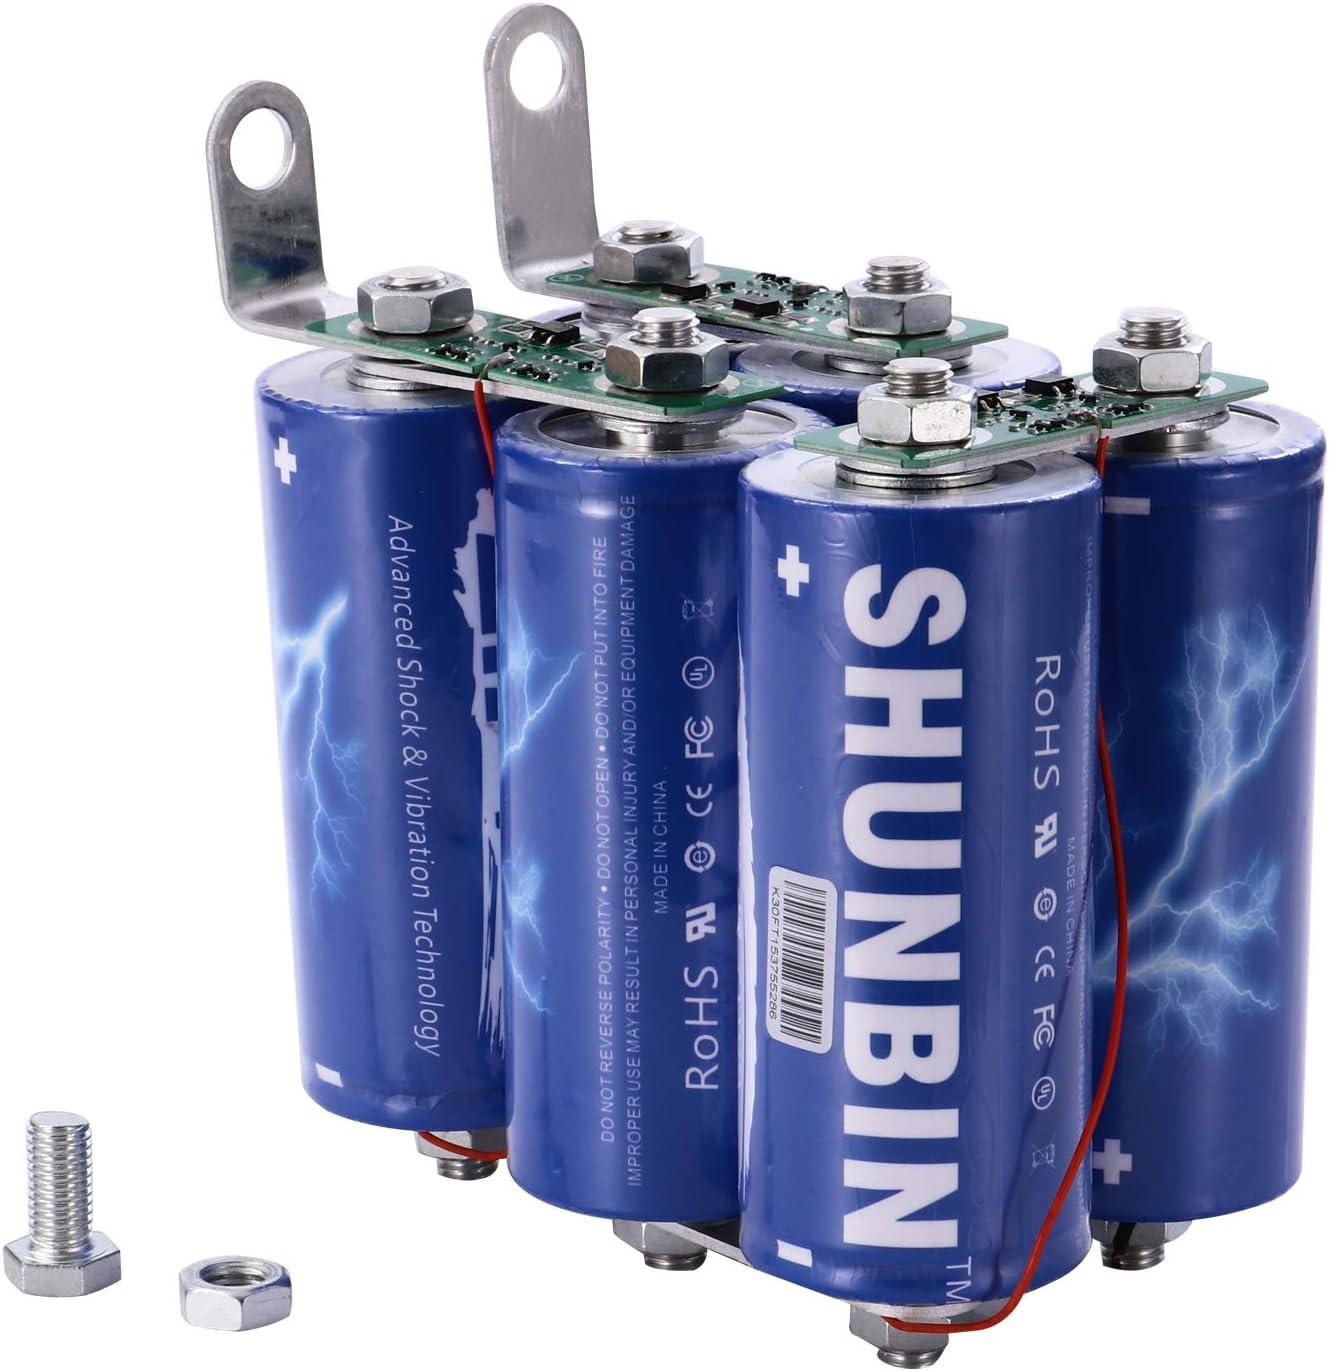 Amazon Com Super Farad Capacitor 16v 500f 6pcs Set Super Capacitance Super Capacitor 2 7v 3000f Farad Capacitor Module With Oa Screw Type Car Electronics